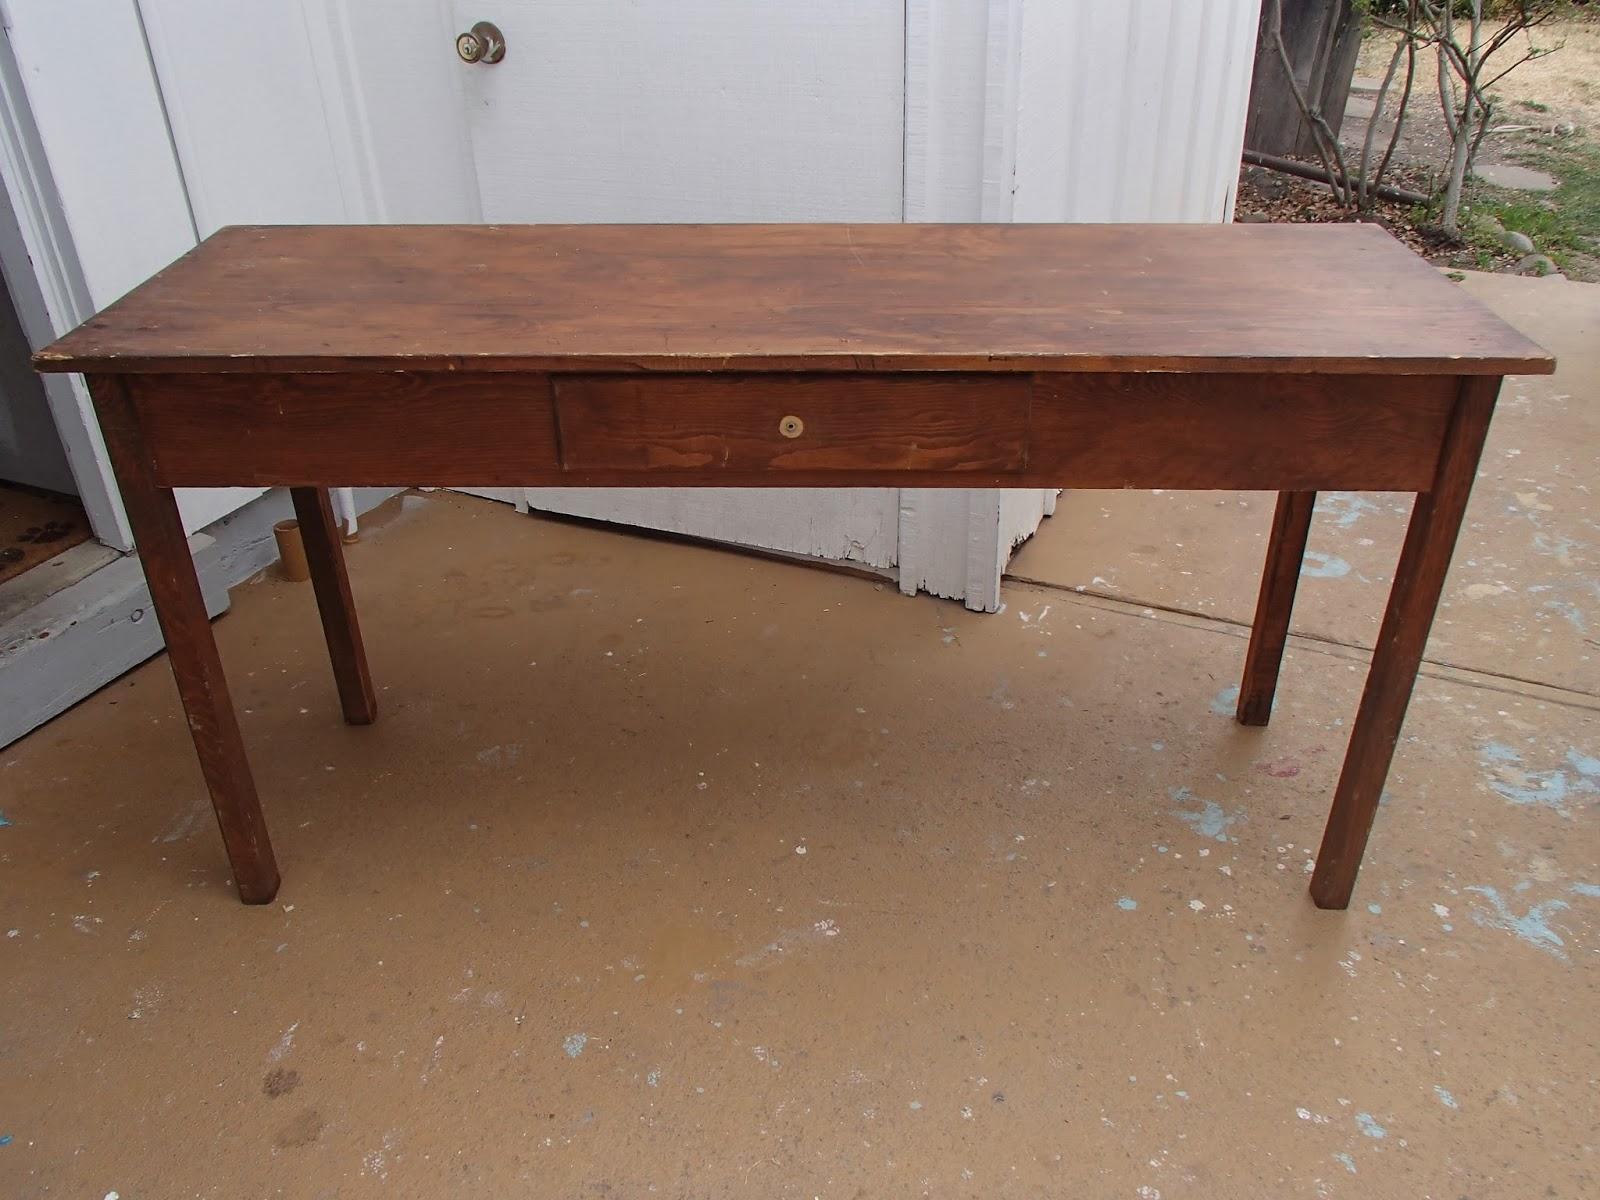 d d 39 s cottage and design long farm table desk. Black Bedroom Furniture Sets. Home Design Ideas